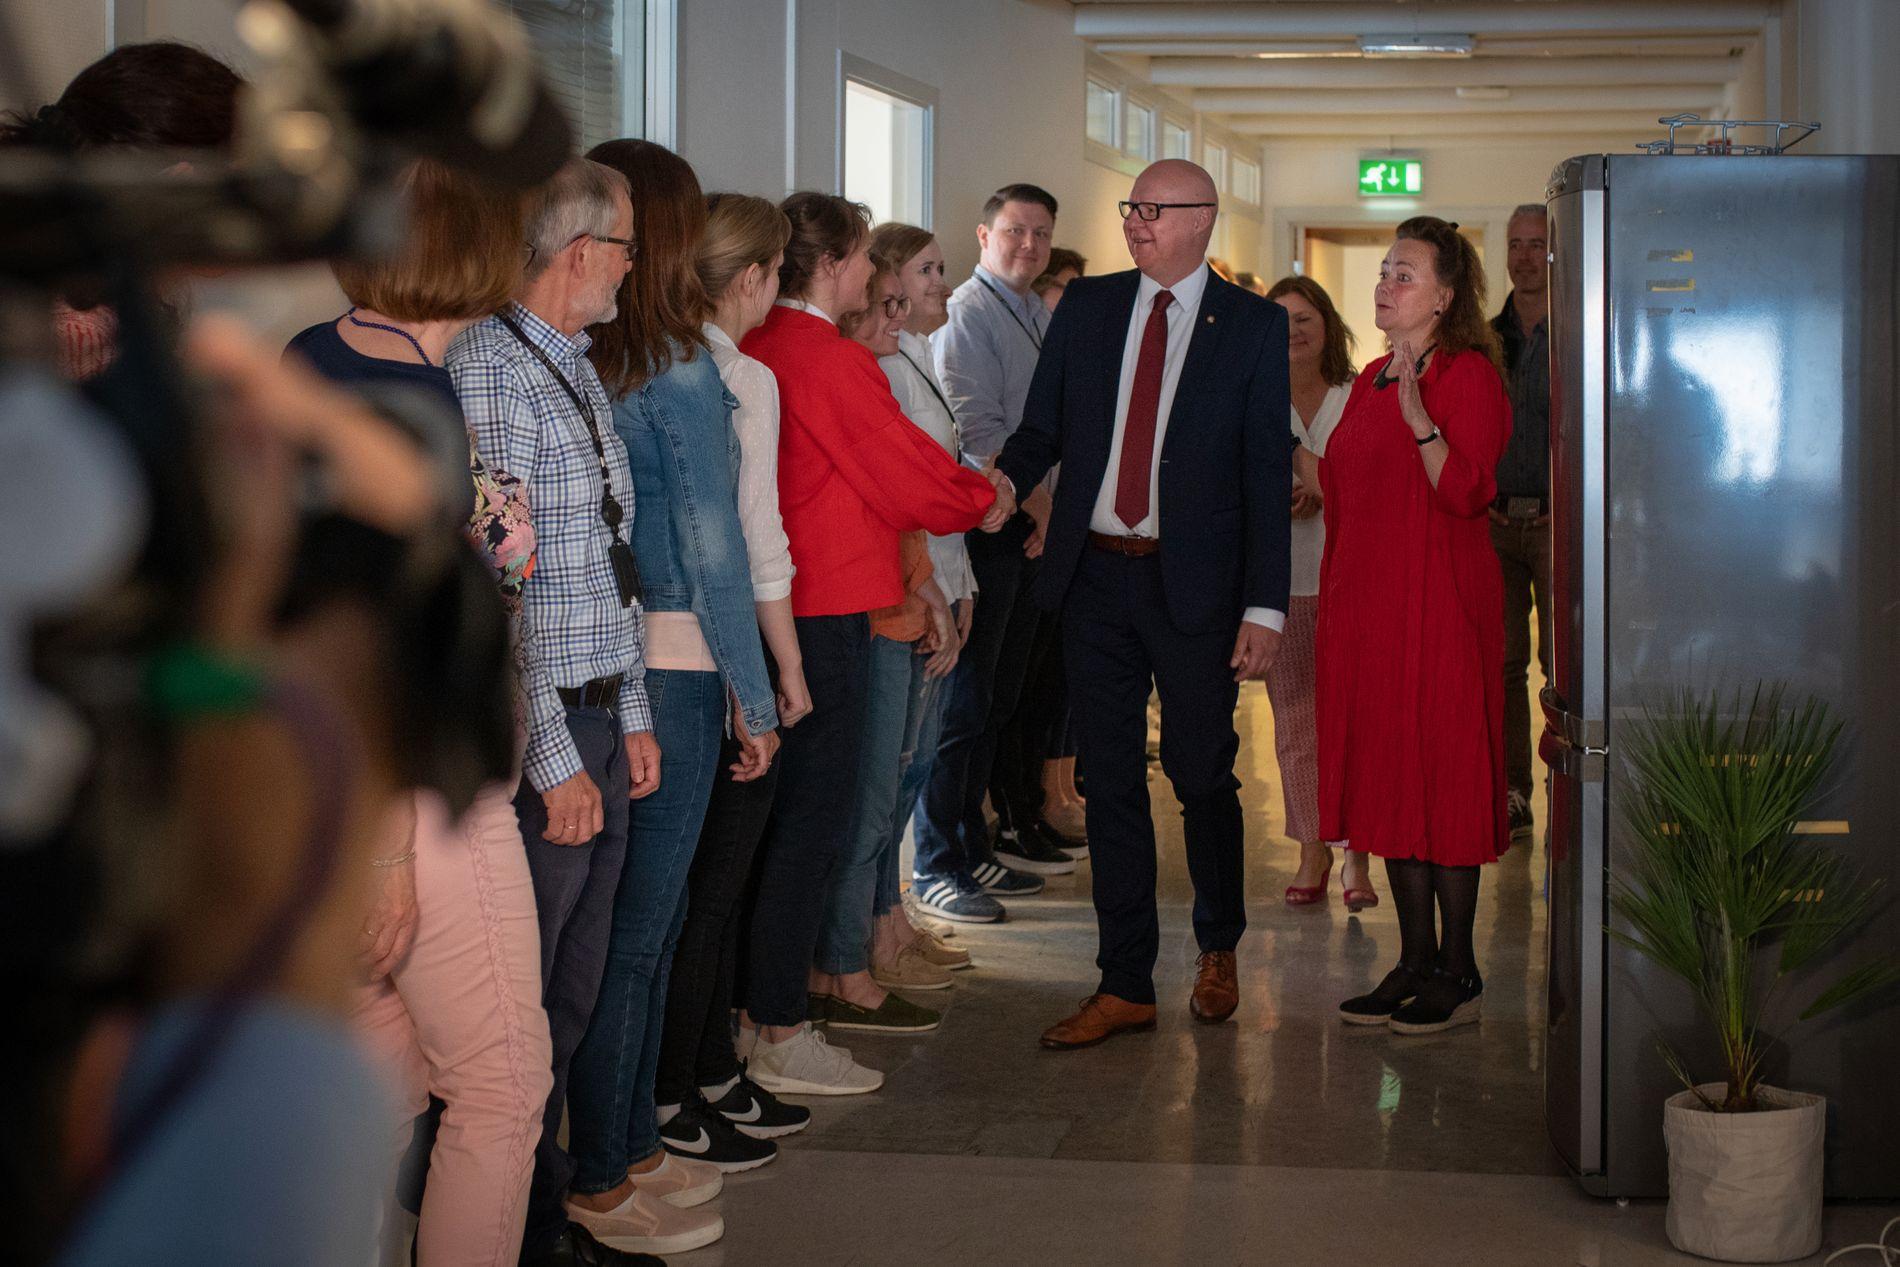 NY BYRÅD: Rune Bakervik hilser på sine nye kollegaer på kontoret for byutvikling i Allehelgens gate.